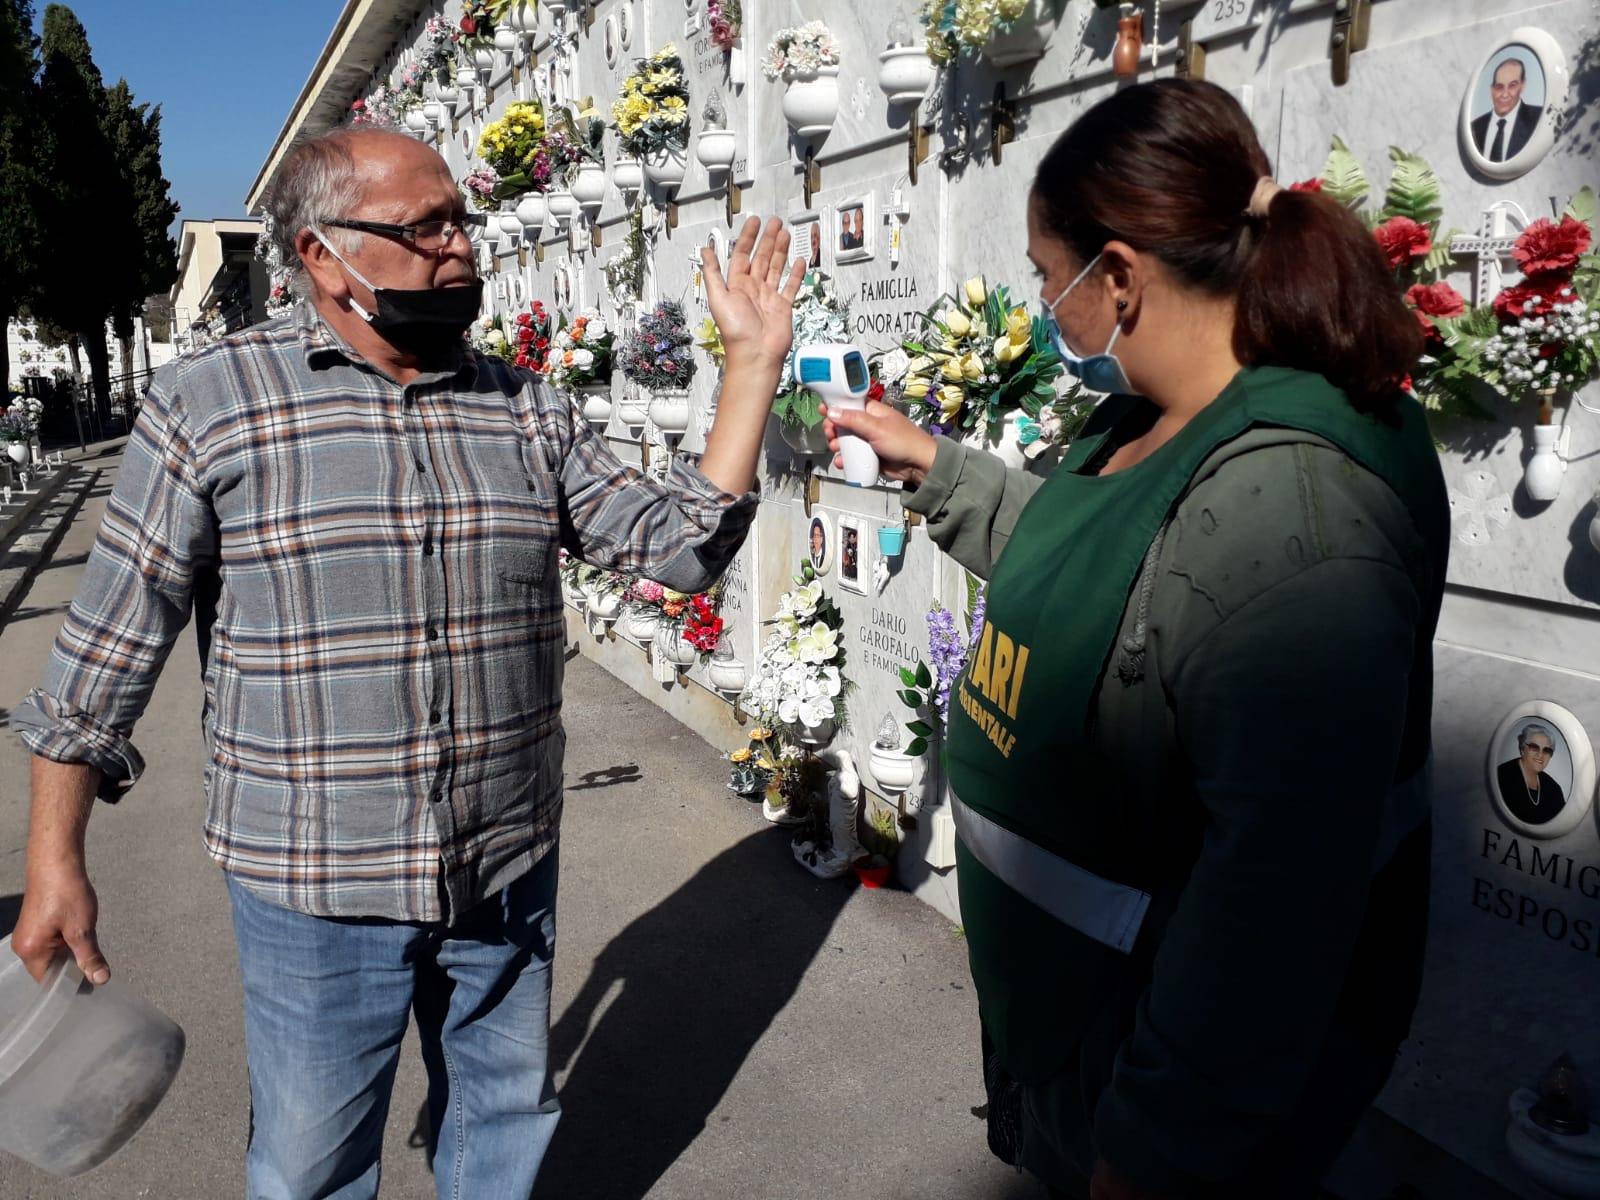 Cimitero, percorsi obbligati e controlli anti Covid: così cambia la visita ai defunti